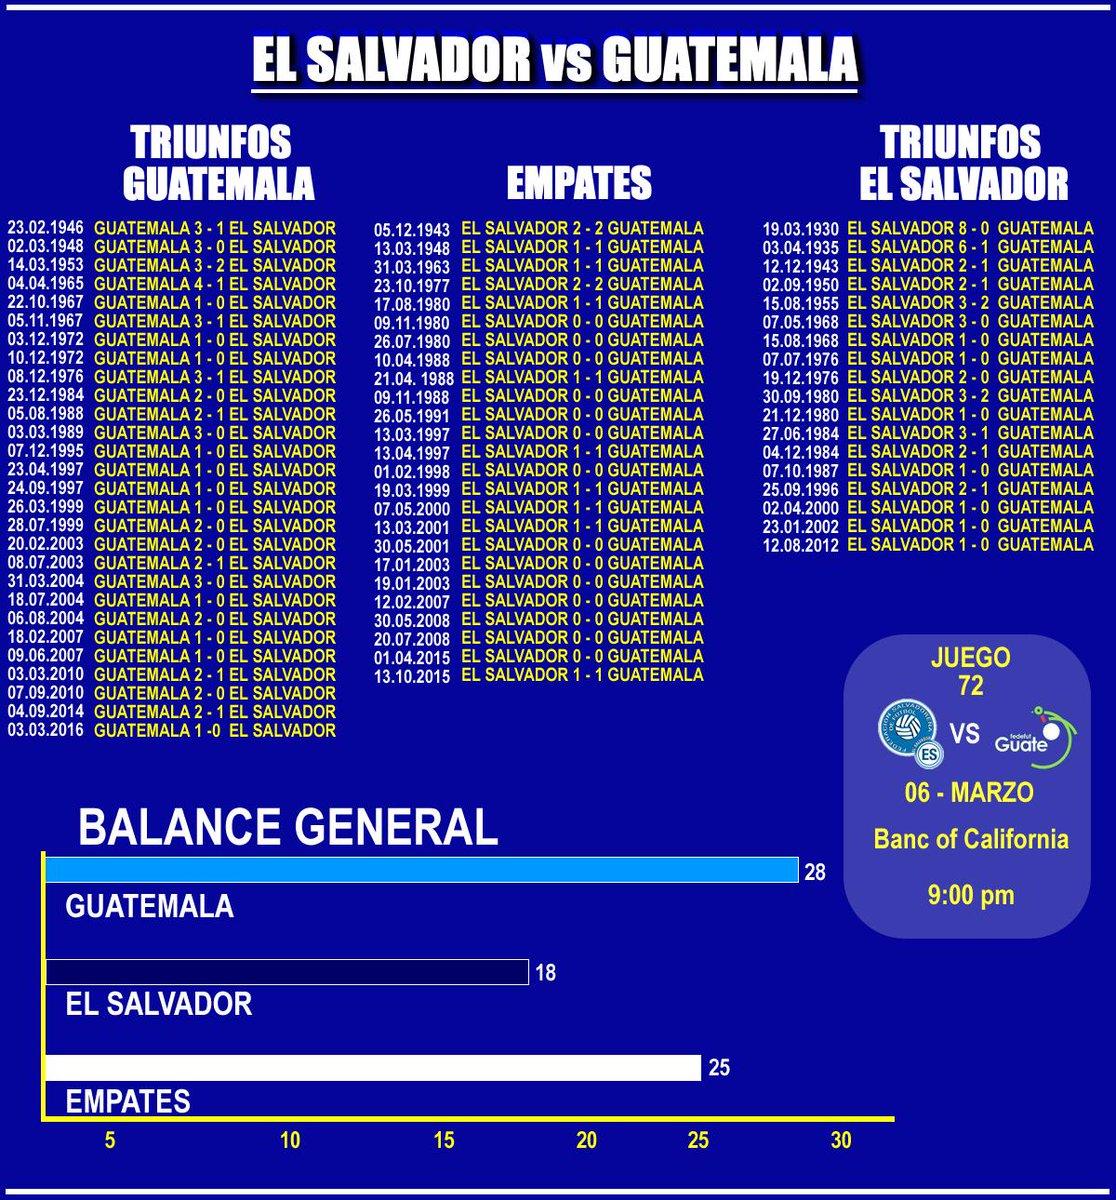 Juego amistoso contra Guatemala el miercoles 6 de marzo del 2019. D0-p5jzXQAAitM9